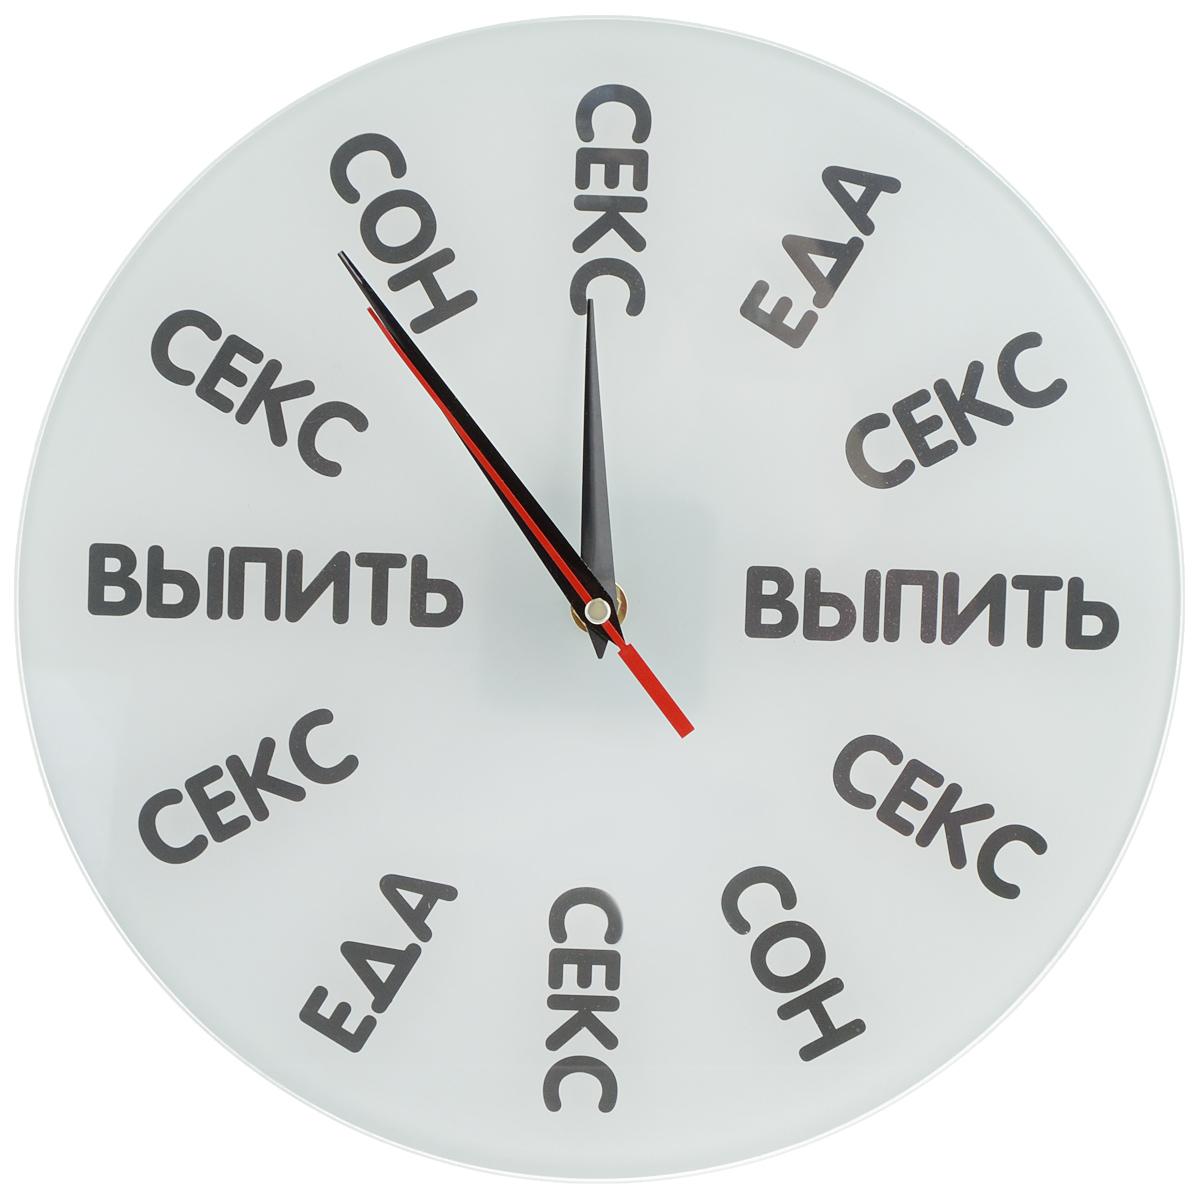 Часы настенные Miolla Расписание, стеклянные, цвет: черный, белый, диаметр 28 смСК011 2044Оригинальные настенные часы Miolla Расписание круглой формы выполнены из закаленного стекла. Часы имеют три стрелки - часовую, минутную и секундную и циферблат с цифрами. Необычное дизайнерское решение и качество исполнения придутся по вкусу каждому. На задней стенке часов расположена металлическая петелька для подвешивания. Часы работают от одной батарейки типа АА. Диаметр часов: 28 см. Такие часы послужат отличным подарком для ценителя ярких и необычных вещей. Батарейка в комплект не входит.